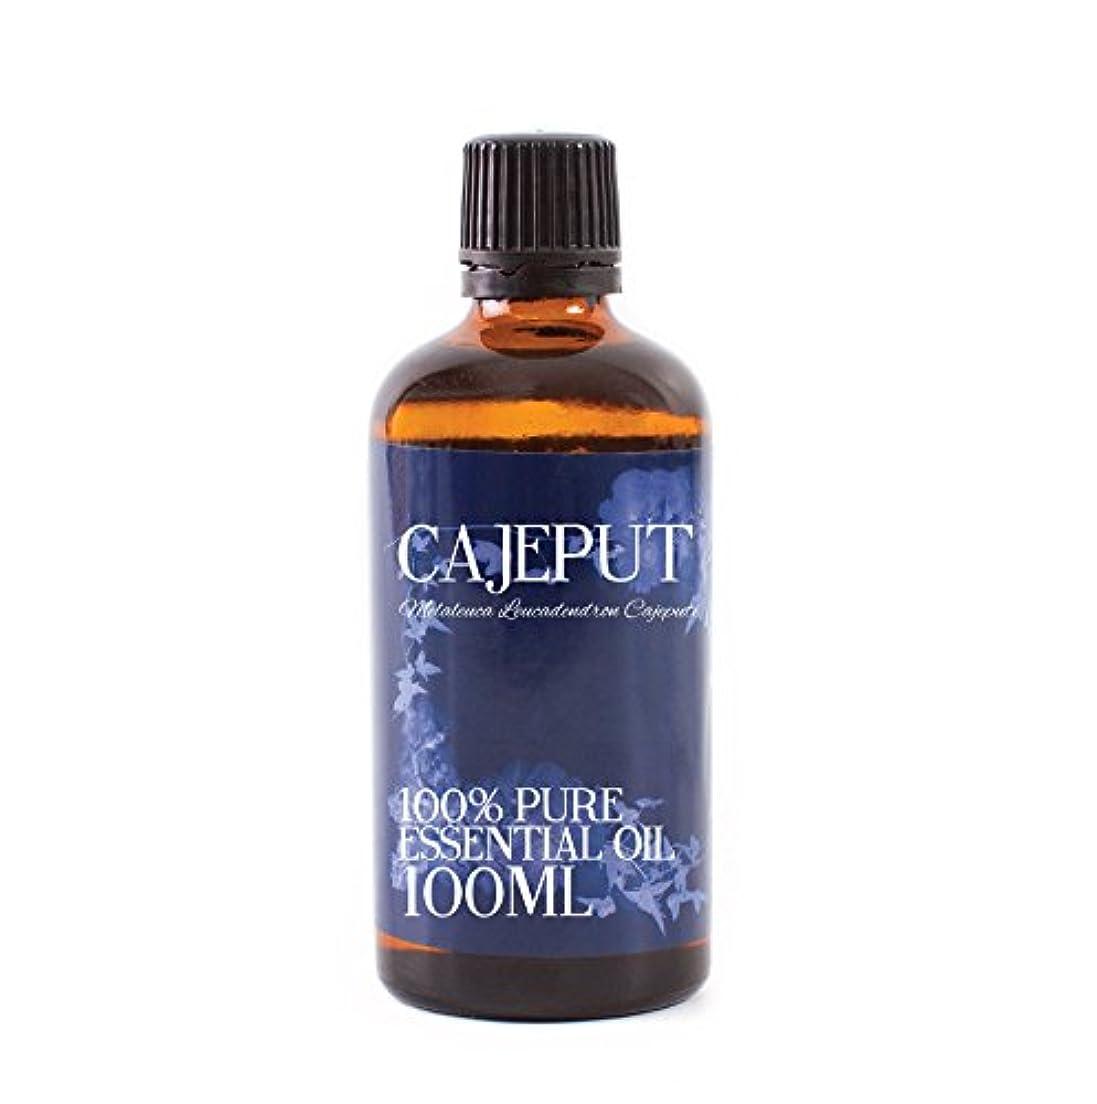 ベルベット付属品パラシュートMystic Moments | Cajeput Essential Oil - 100ml - 100% Pure